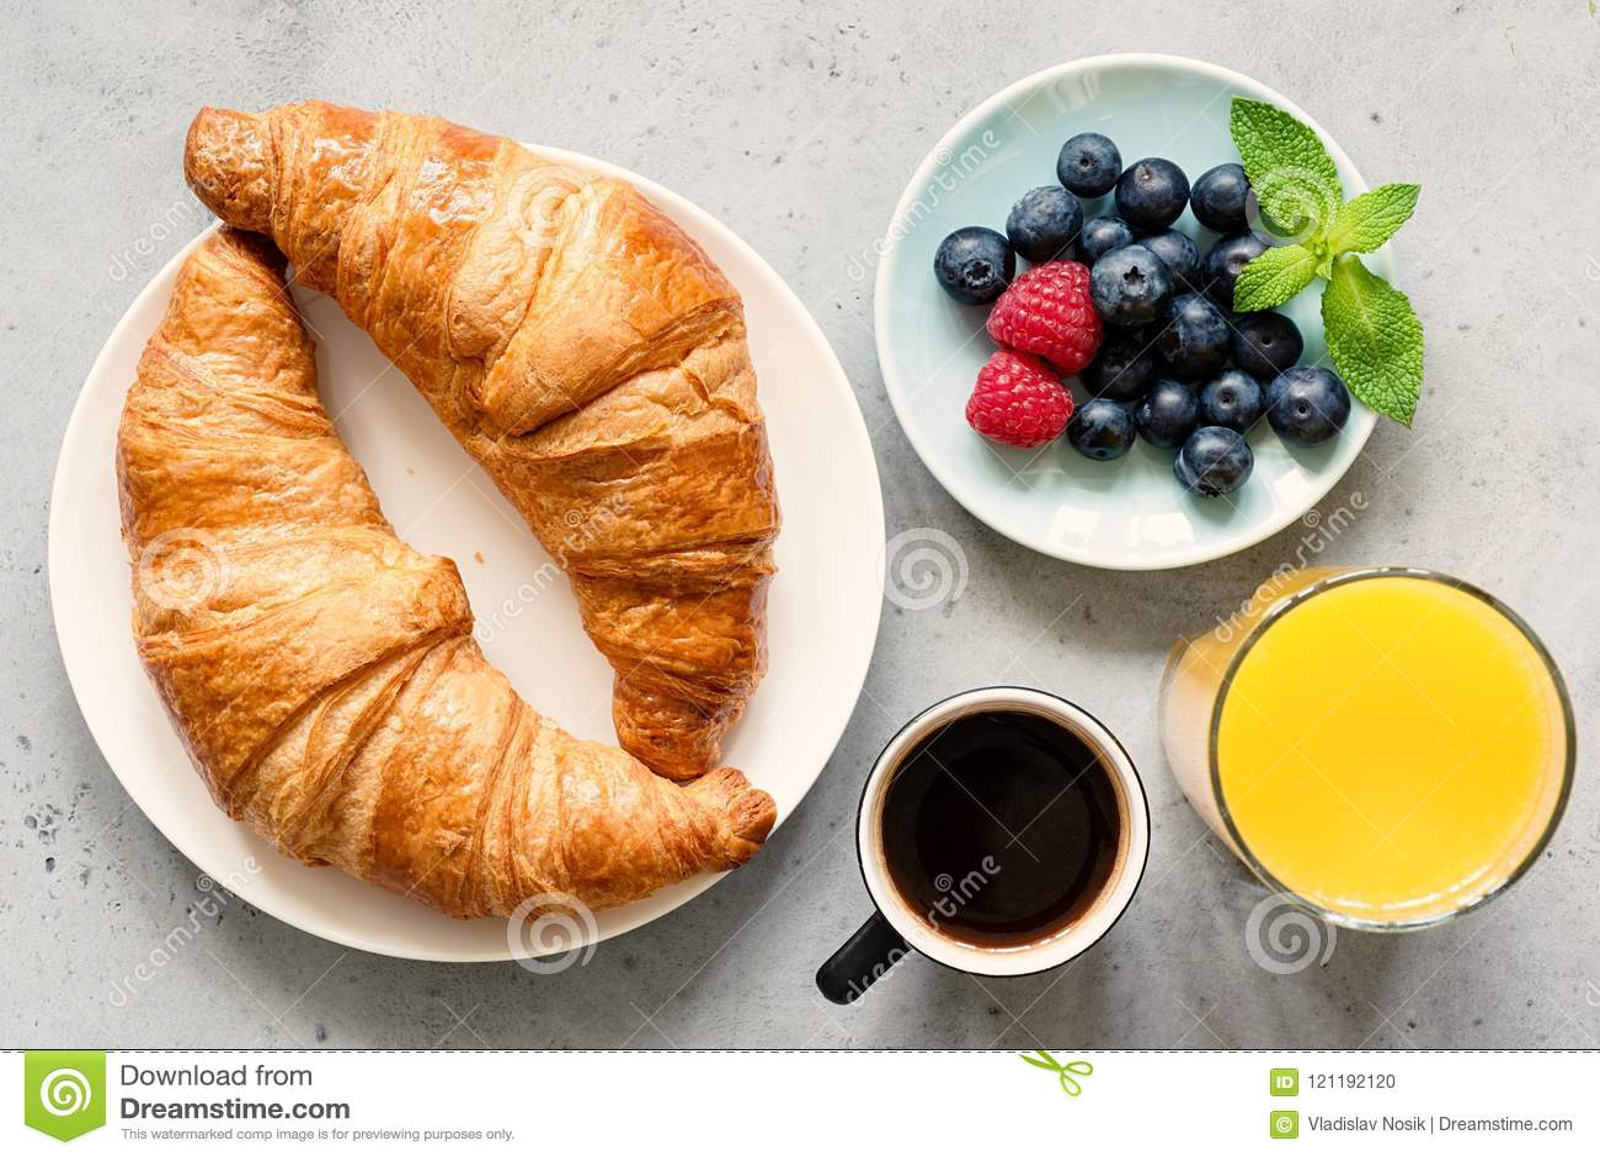 Croissant, café preto, suco de laranja e bagas frescas